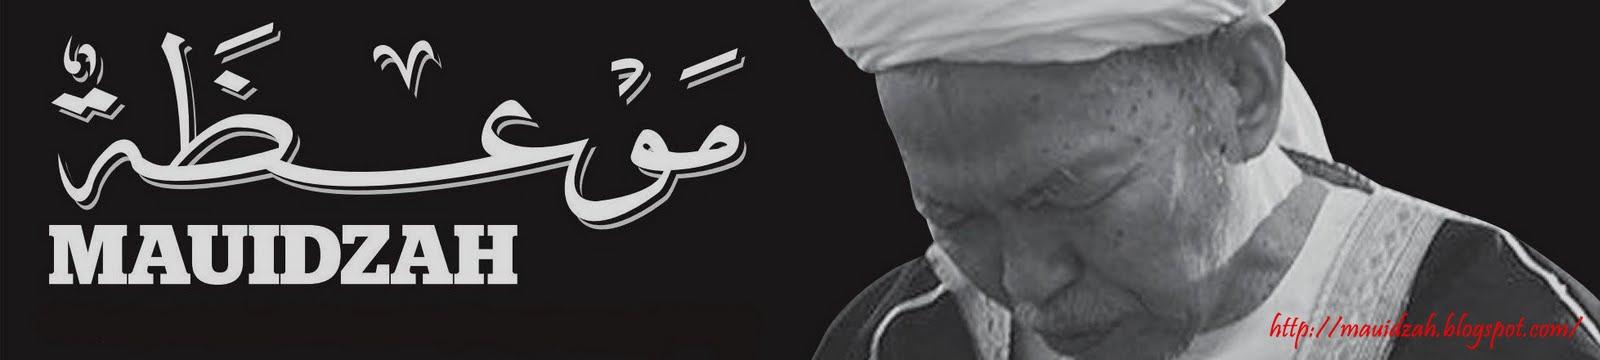 Mauidzah